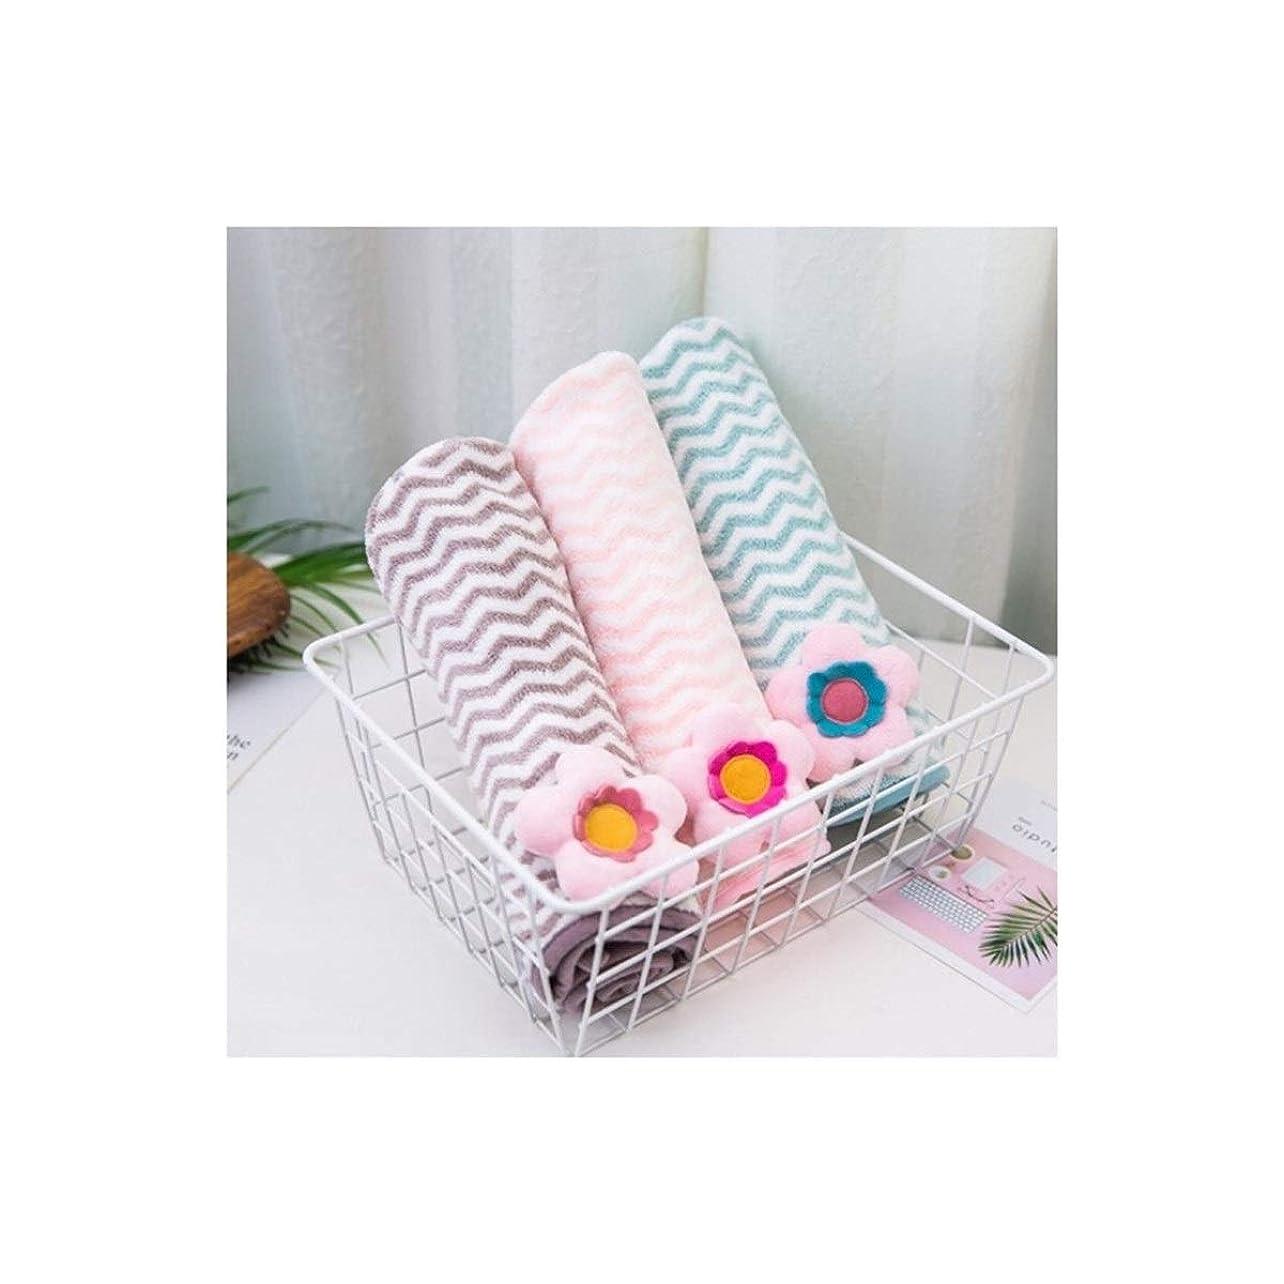 岸屈辱する恐れるLBLMS シャワーキャップ、増粘剤、速乾性キャップ、シャンプー、リンス、タオル、シャワーキャップ、ピンク (Color : Pink blue gray)